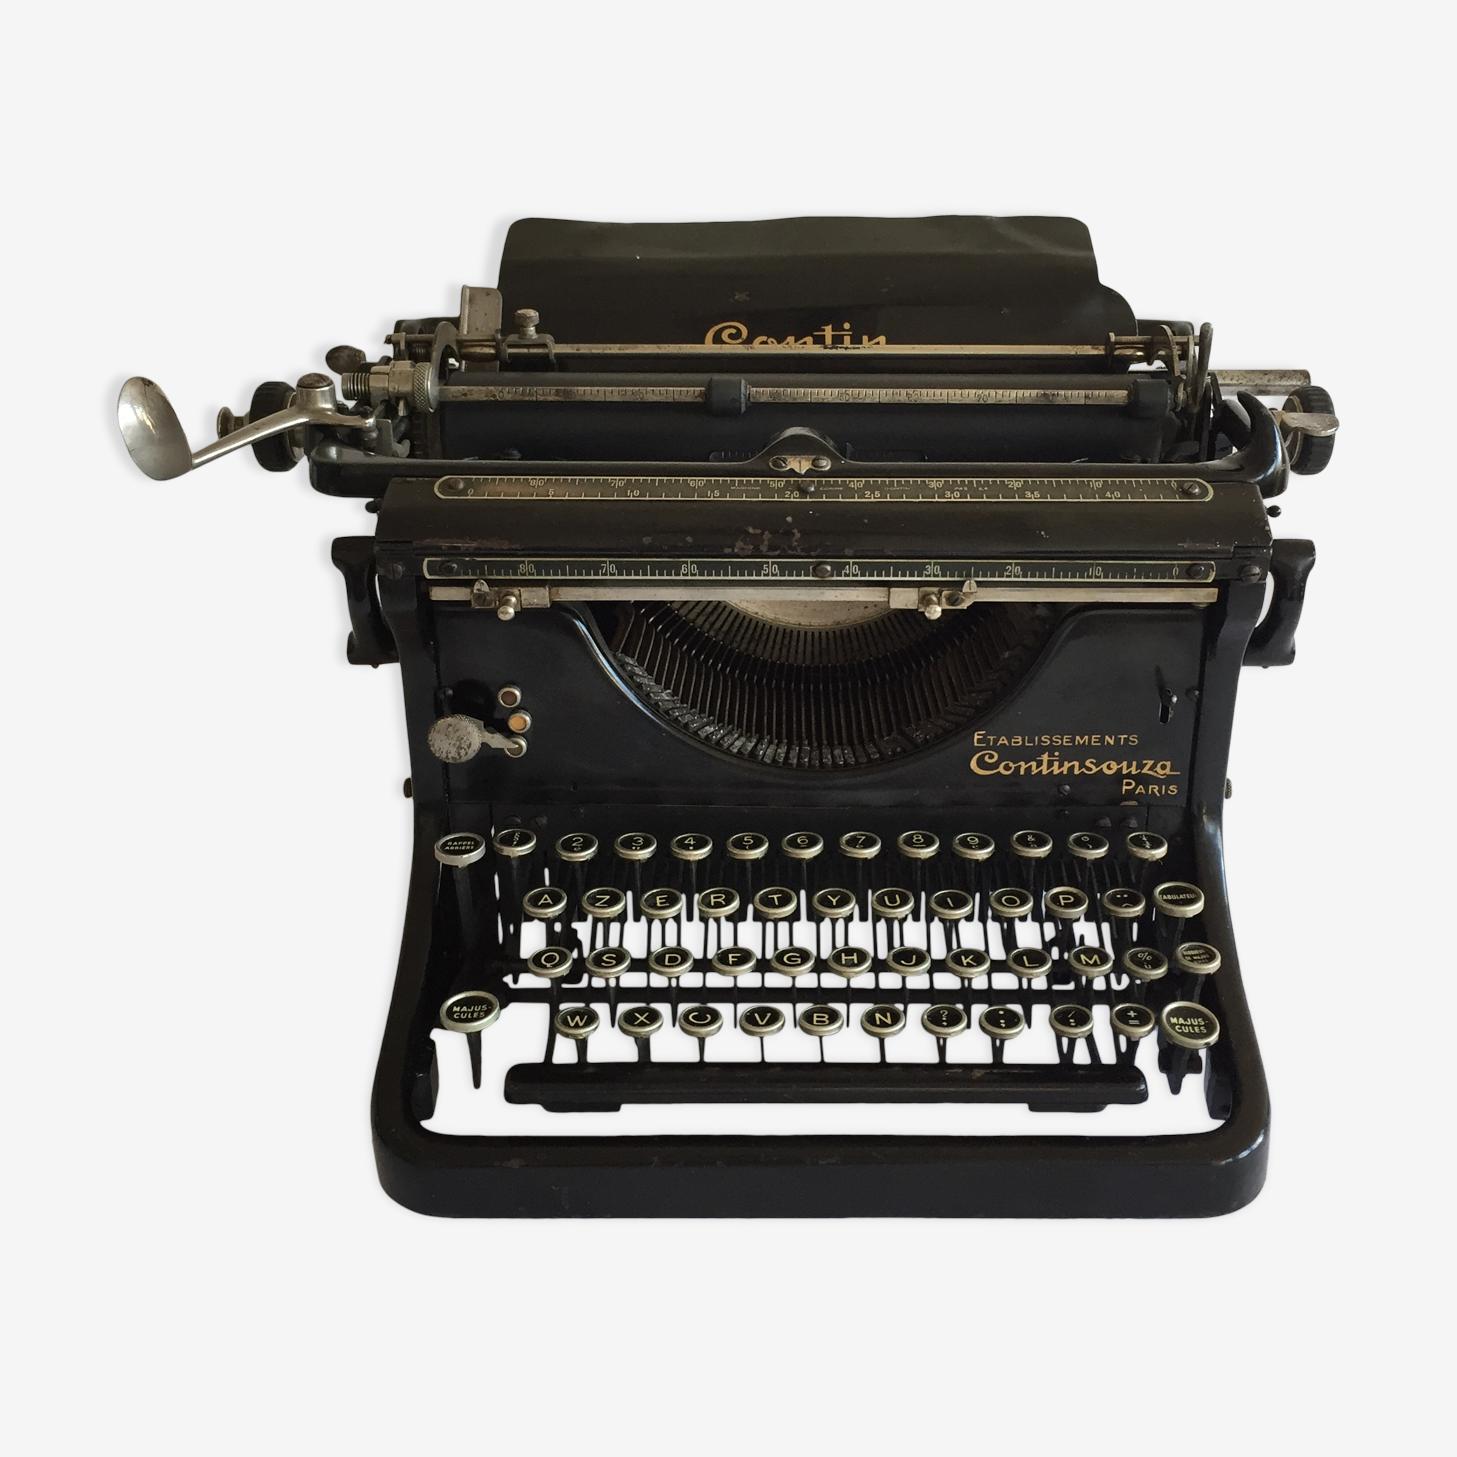 Typewriter contin 1920